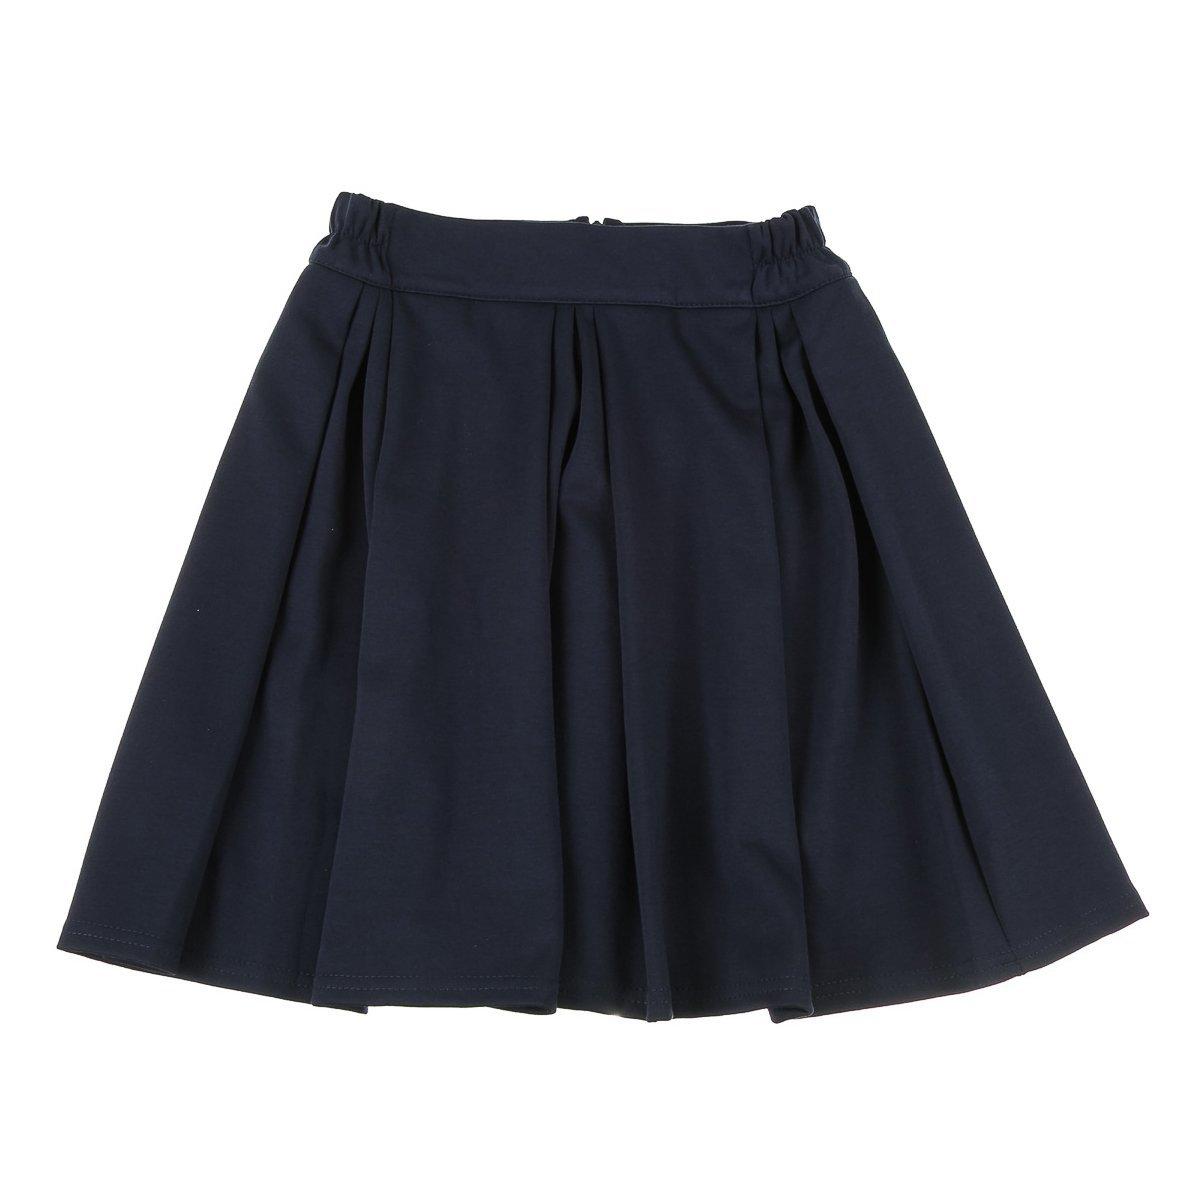 Купить Платья, сарафаны, юбки, Юбка Mevis Girlie темно-синяя, р. 140 1989-01 ТМ: Mevis, синий